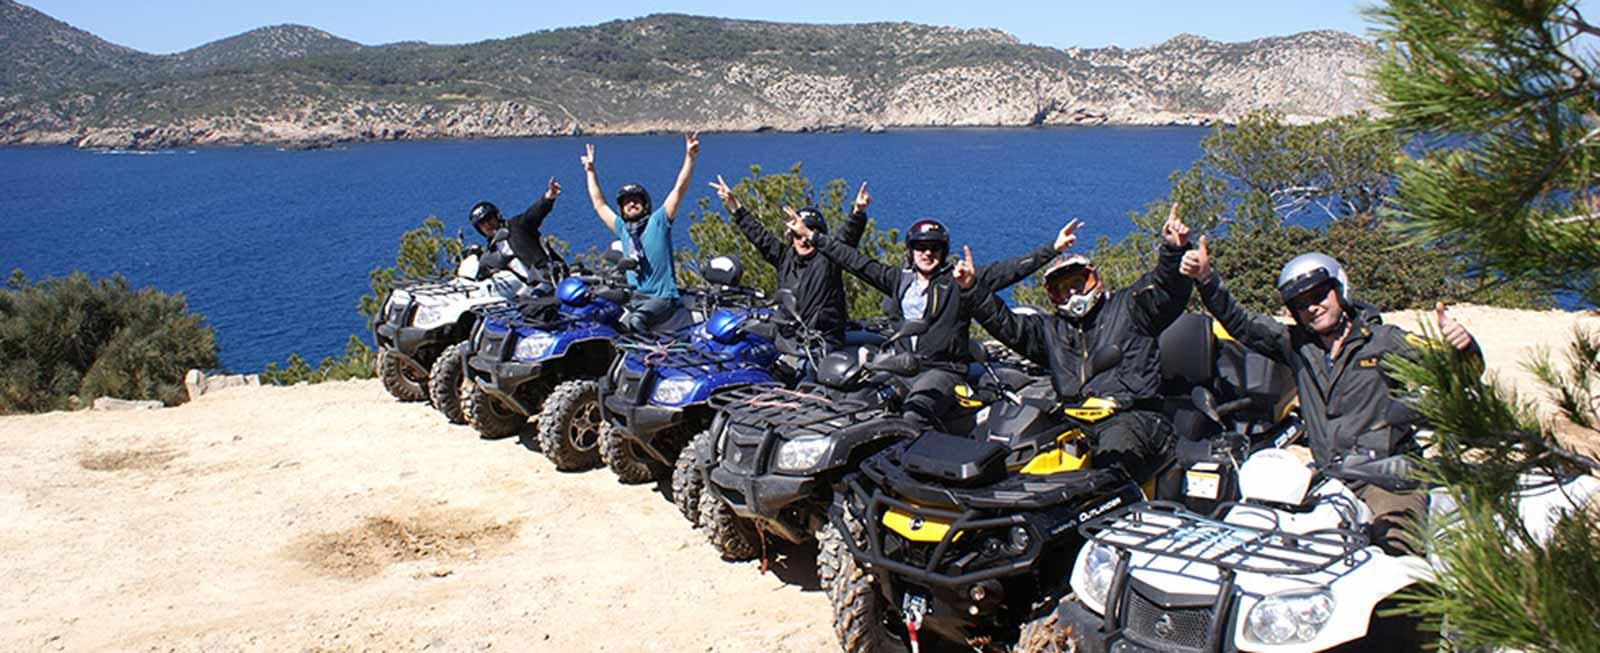 Quad-Mallorca-Quad-Tour-Mallorca-Quad-fahren-Mallorca-9